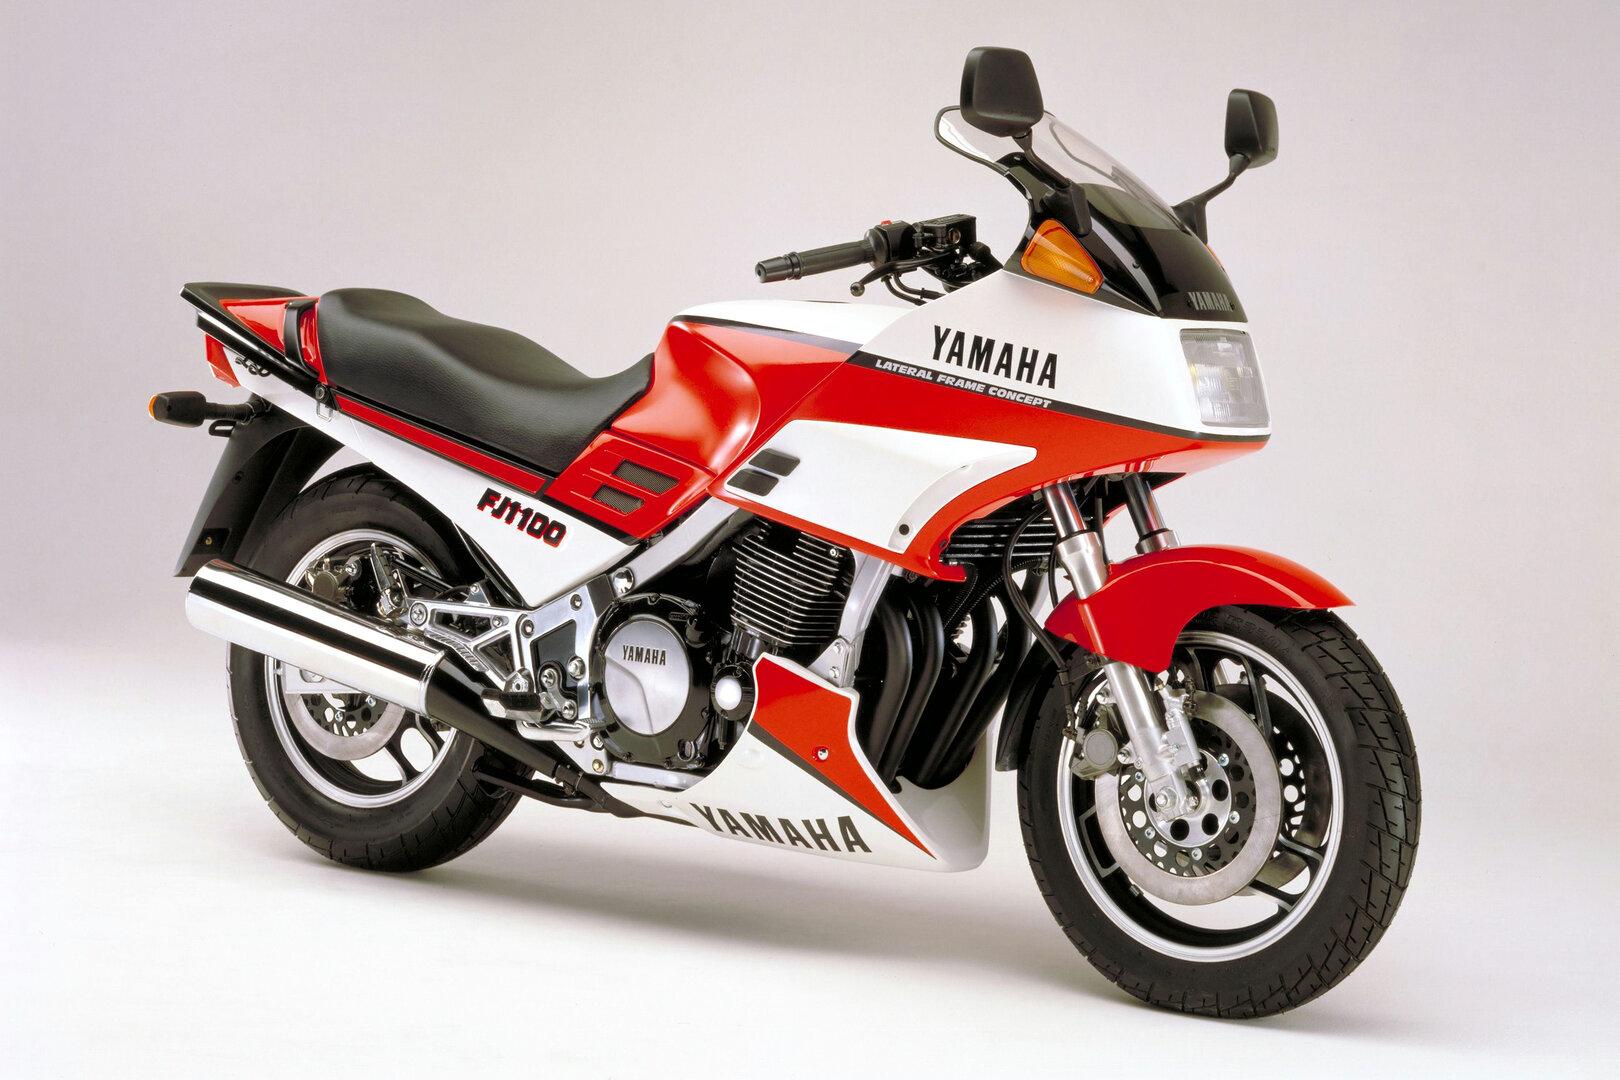 Moto del día: Yamaha FJ 1100/1200